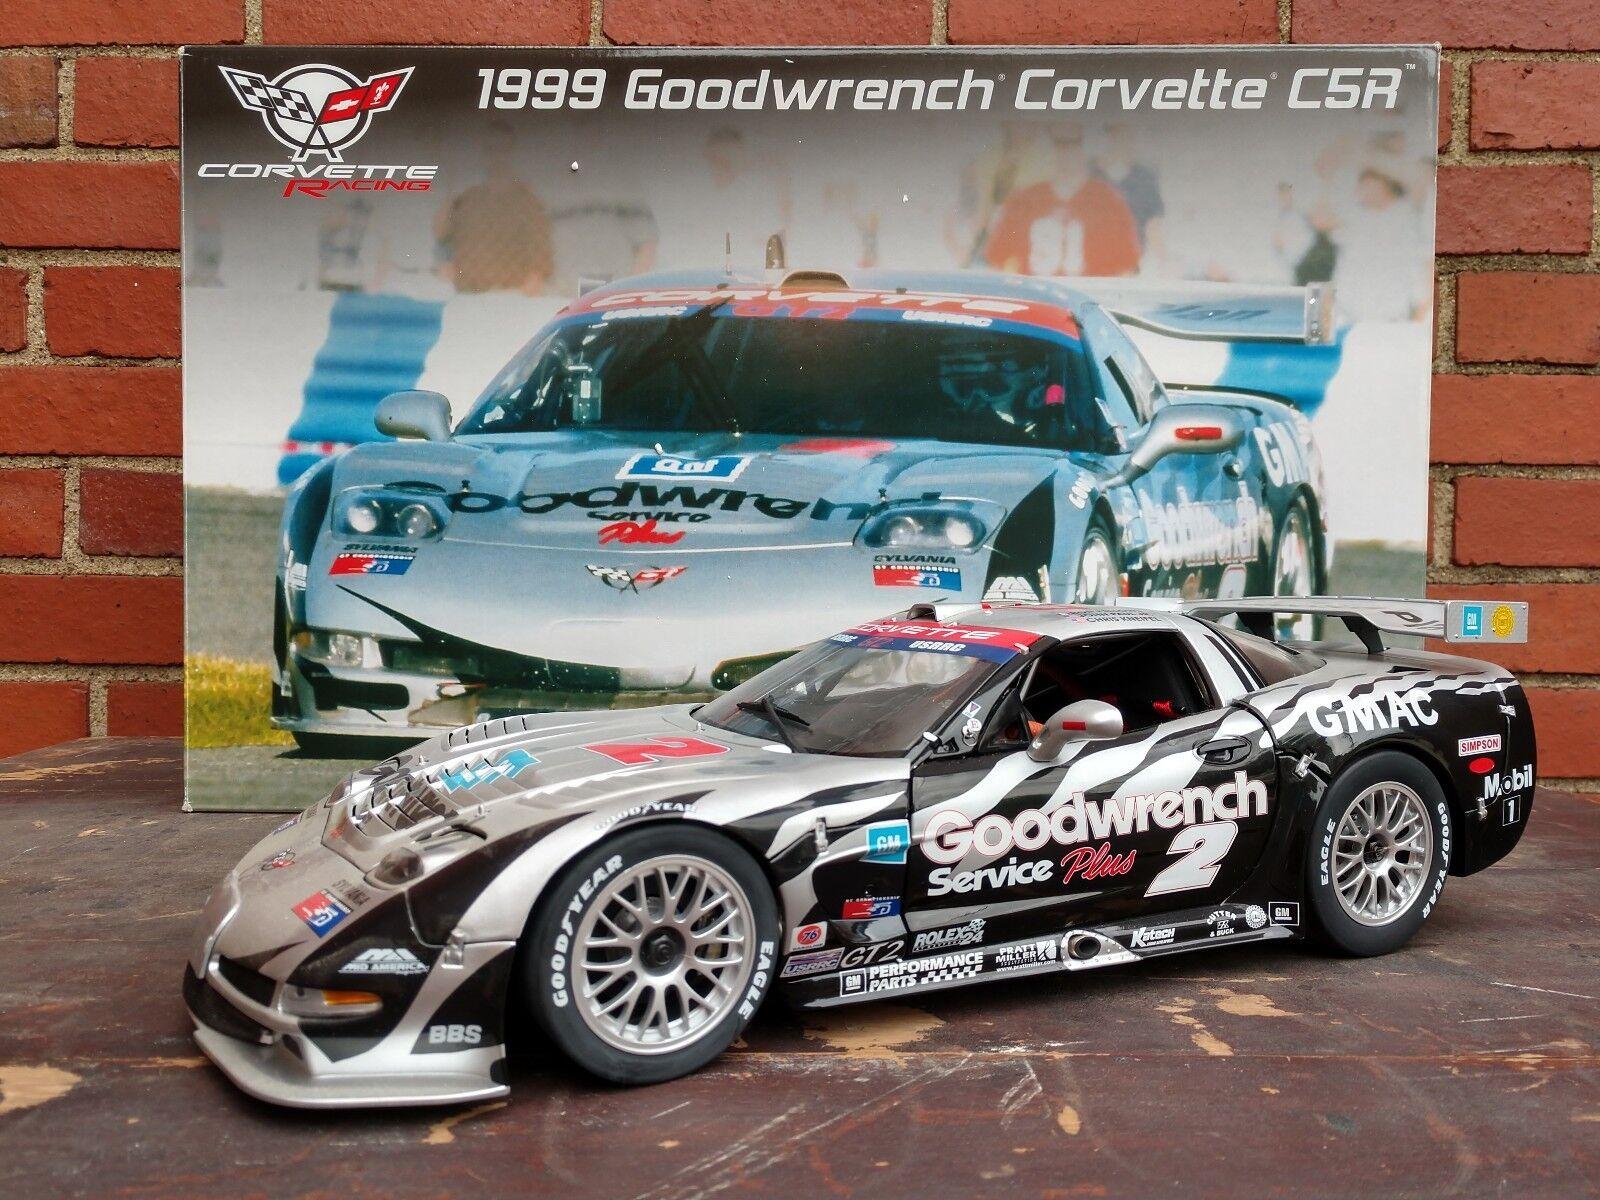 GMP 1999 Goodwrench Chevrolet Corvette C5-R  12 escala Diecast Modelo del Coche de carrera